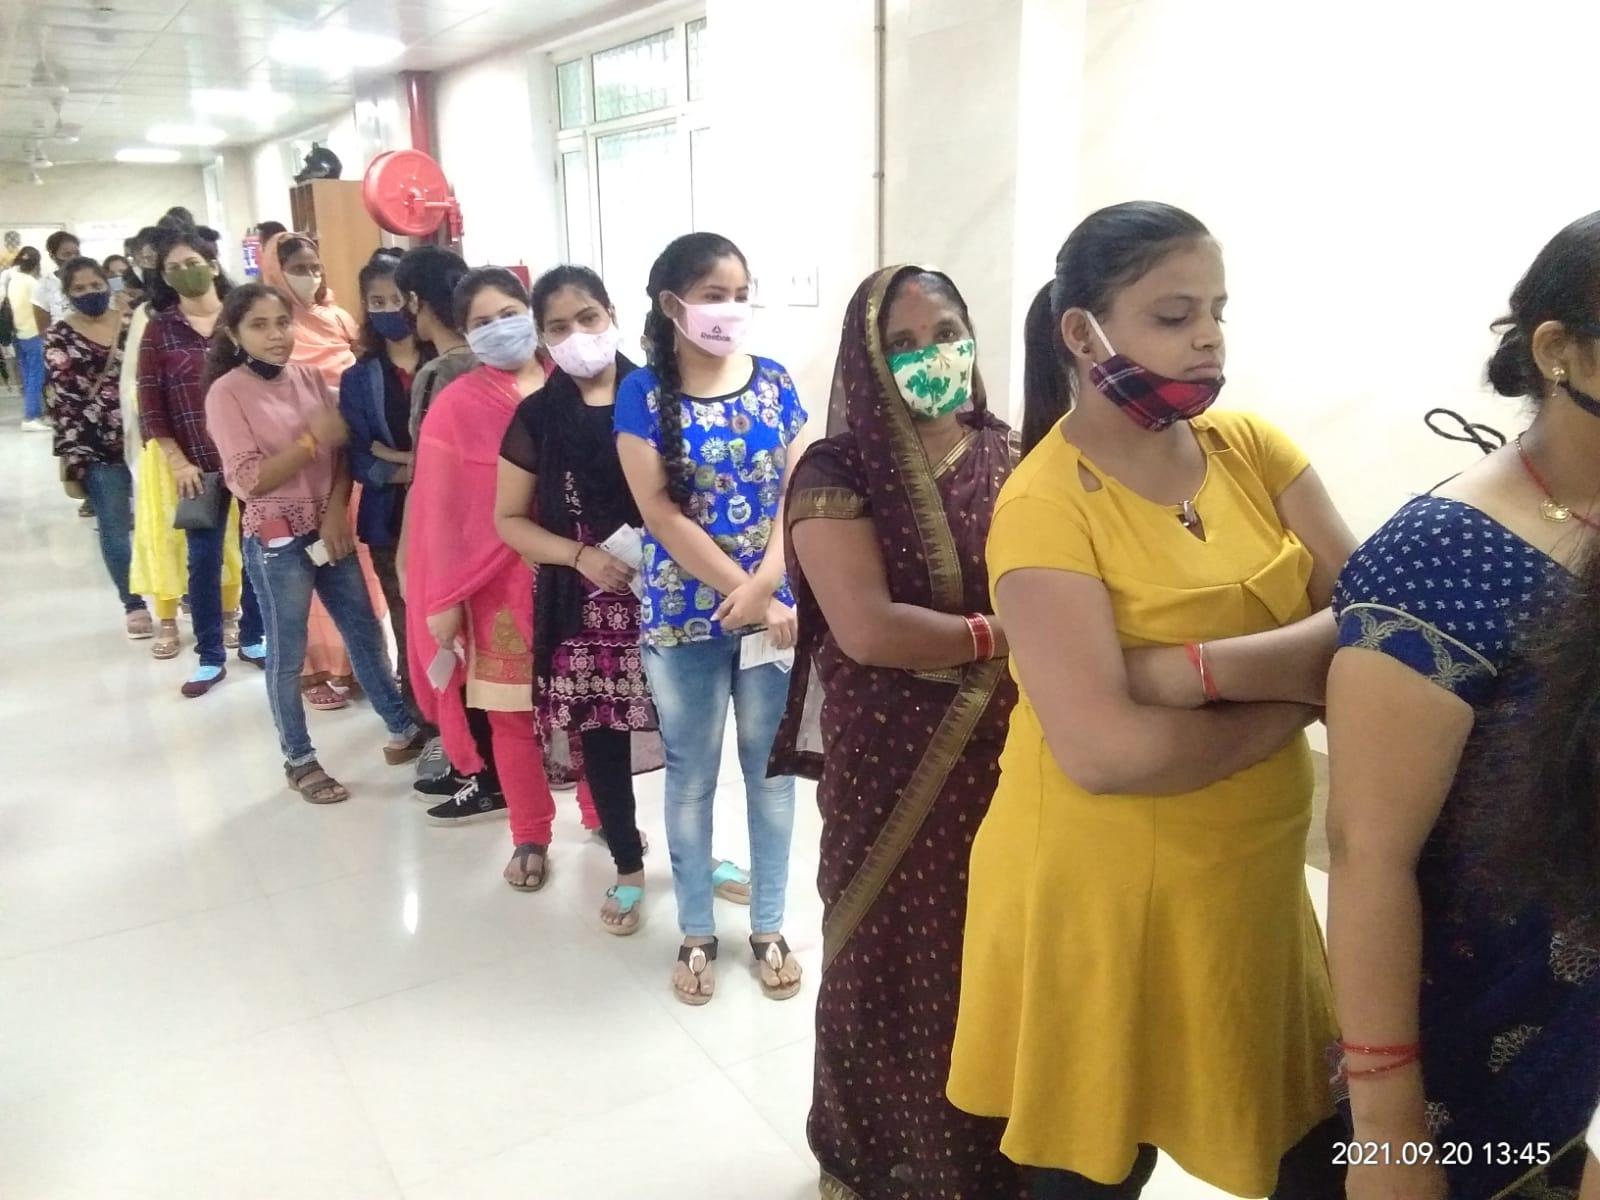 कोरोना वैक्सीन के लिए एसआरएन अस्पताल में लगी लंबी कतार। - Dainik Bhaskar